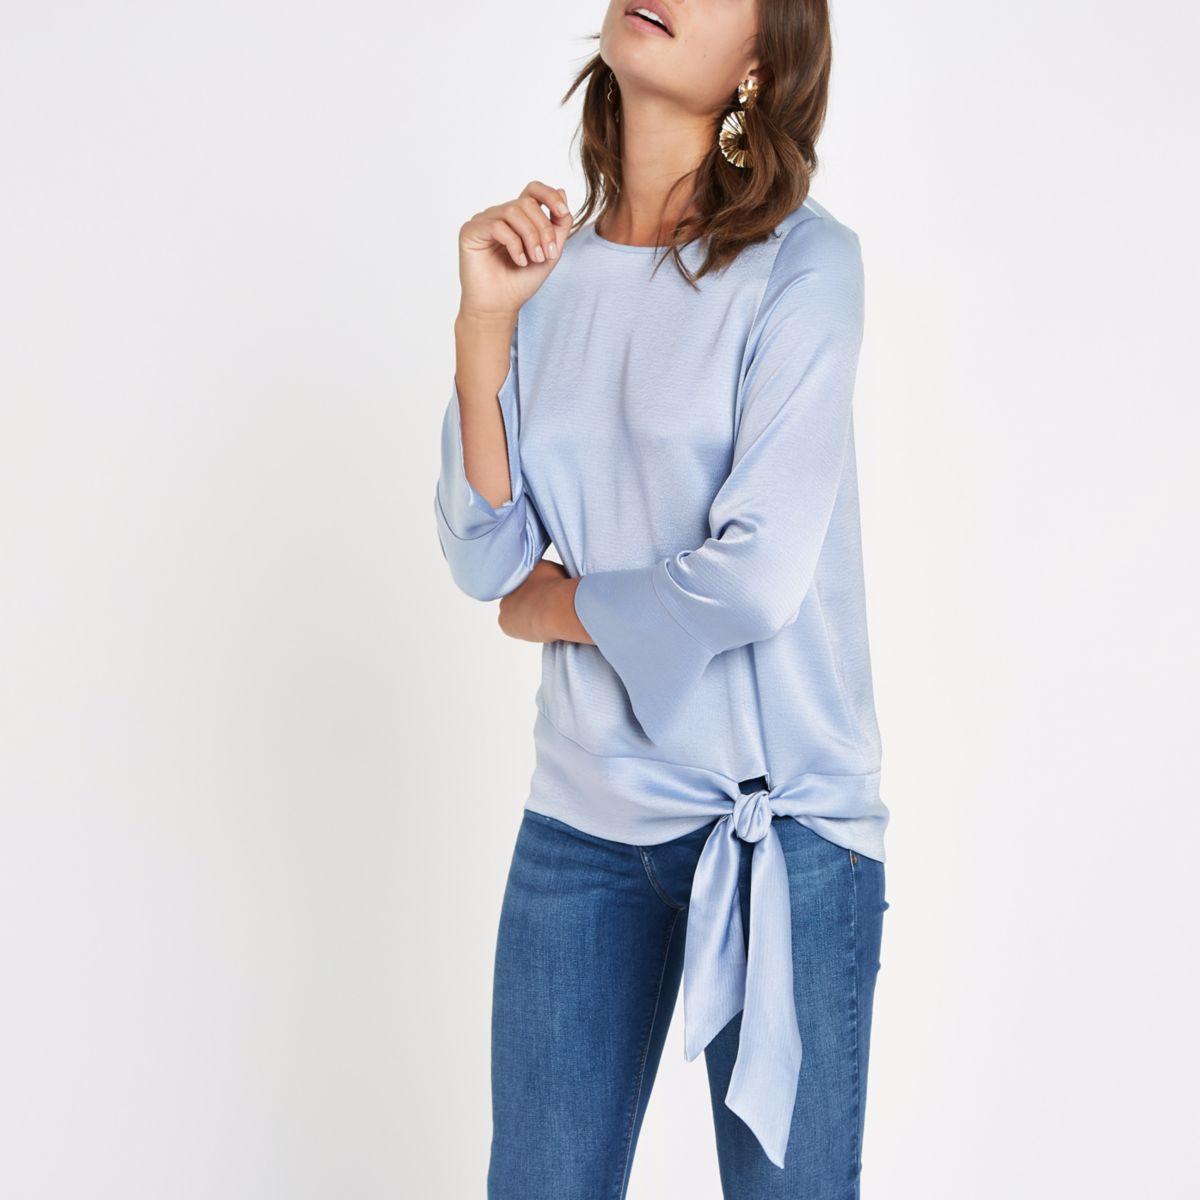 Blauwe top met lange mouwen en zijbandje